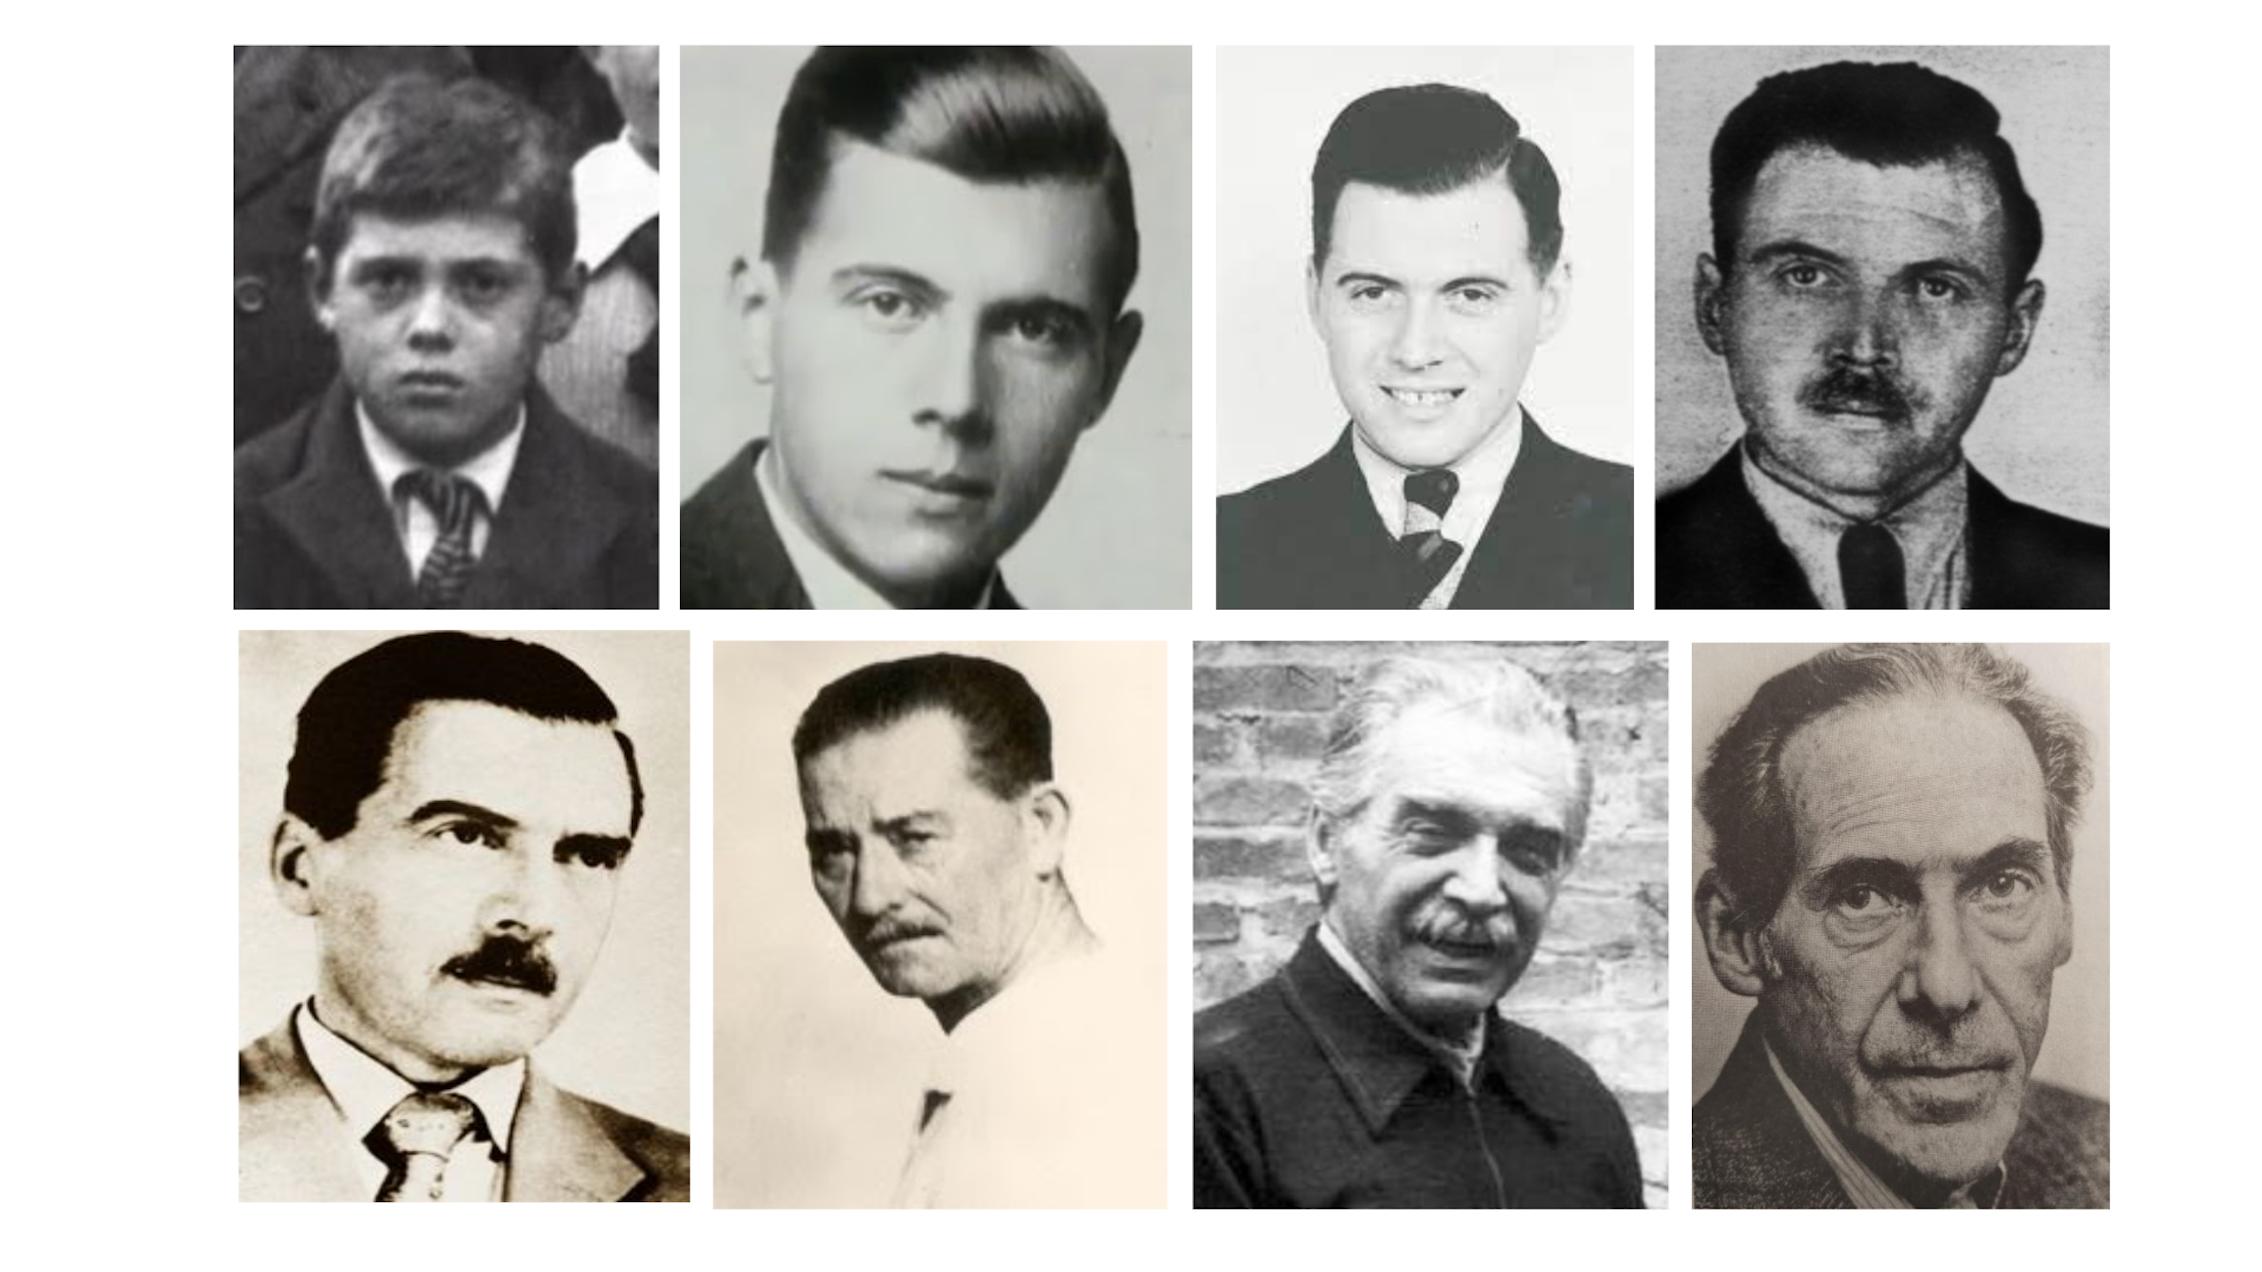 Fotografías de Josef Mengele a lo largo de su vida.Author provided